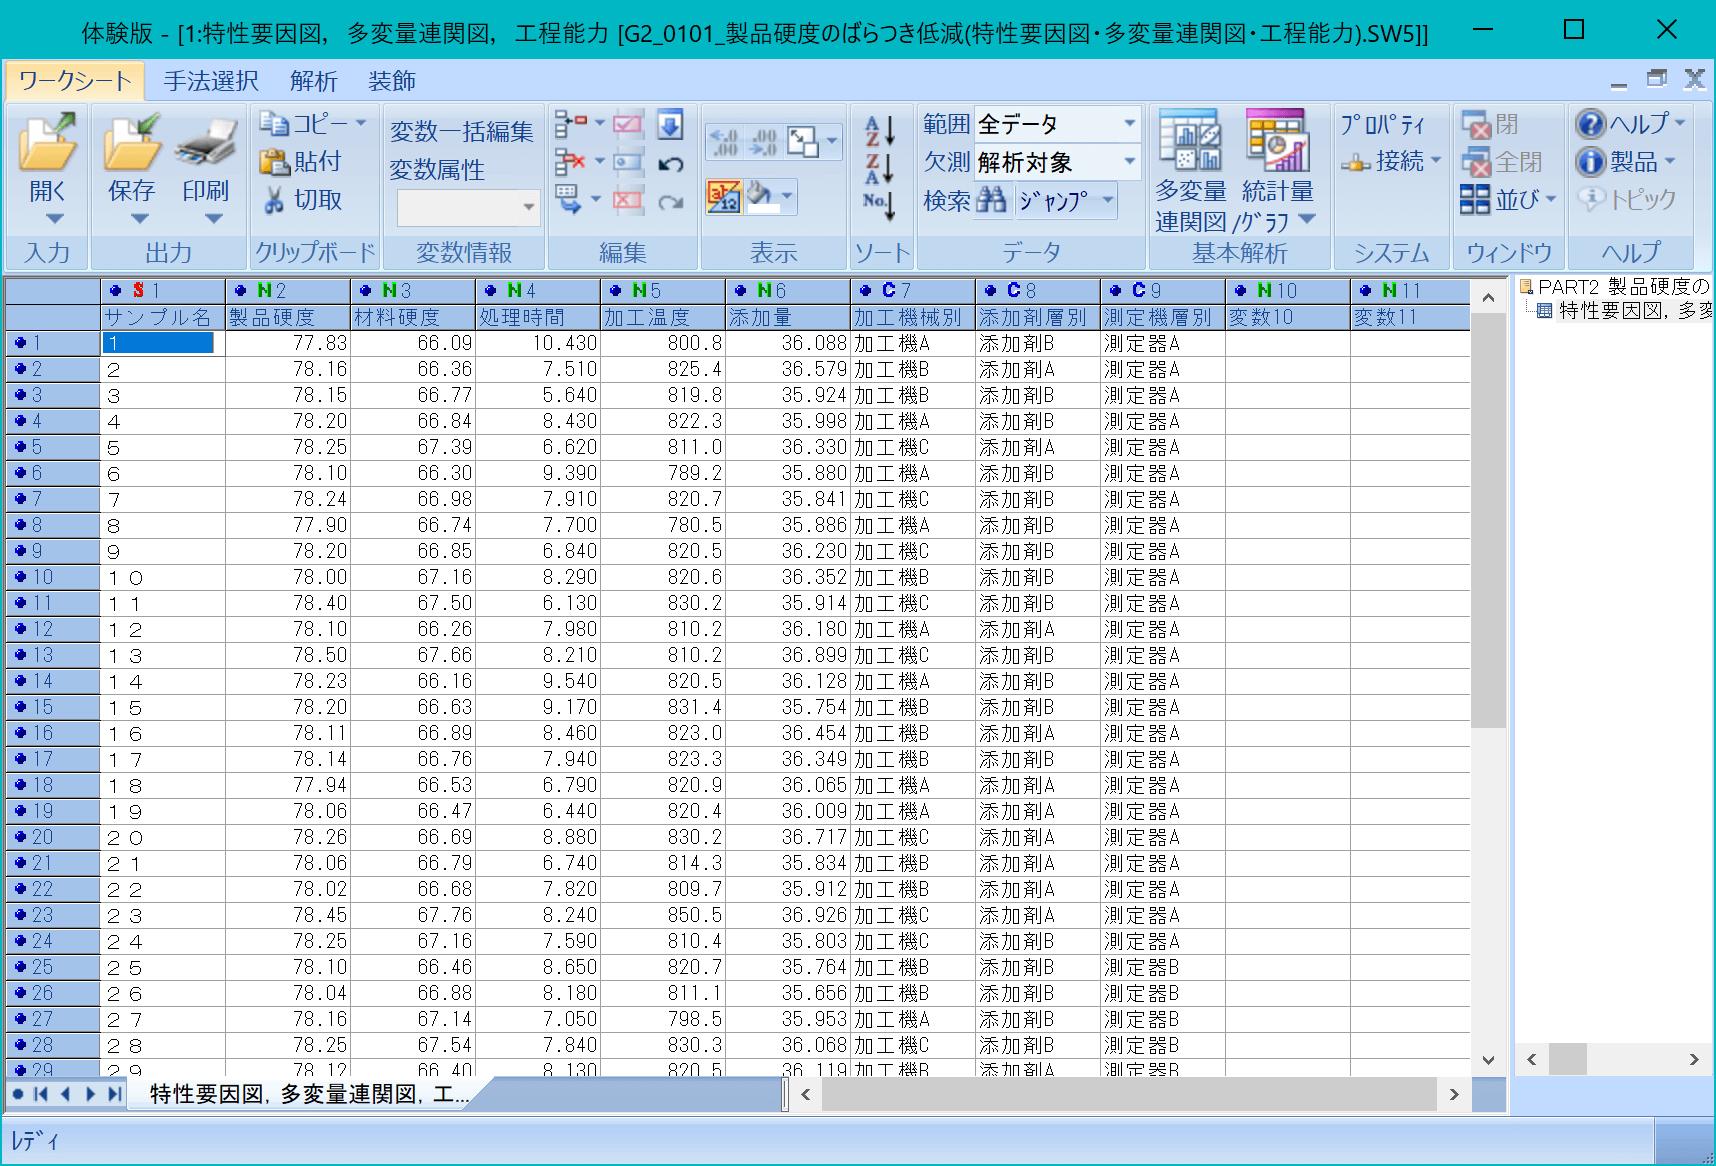 多変量連関図サンプルデータ